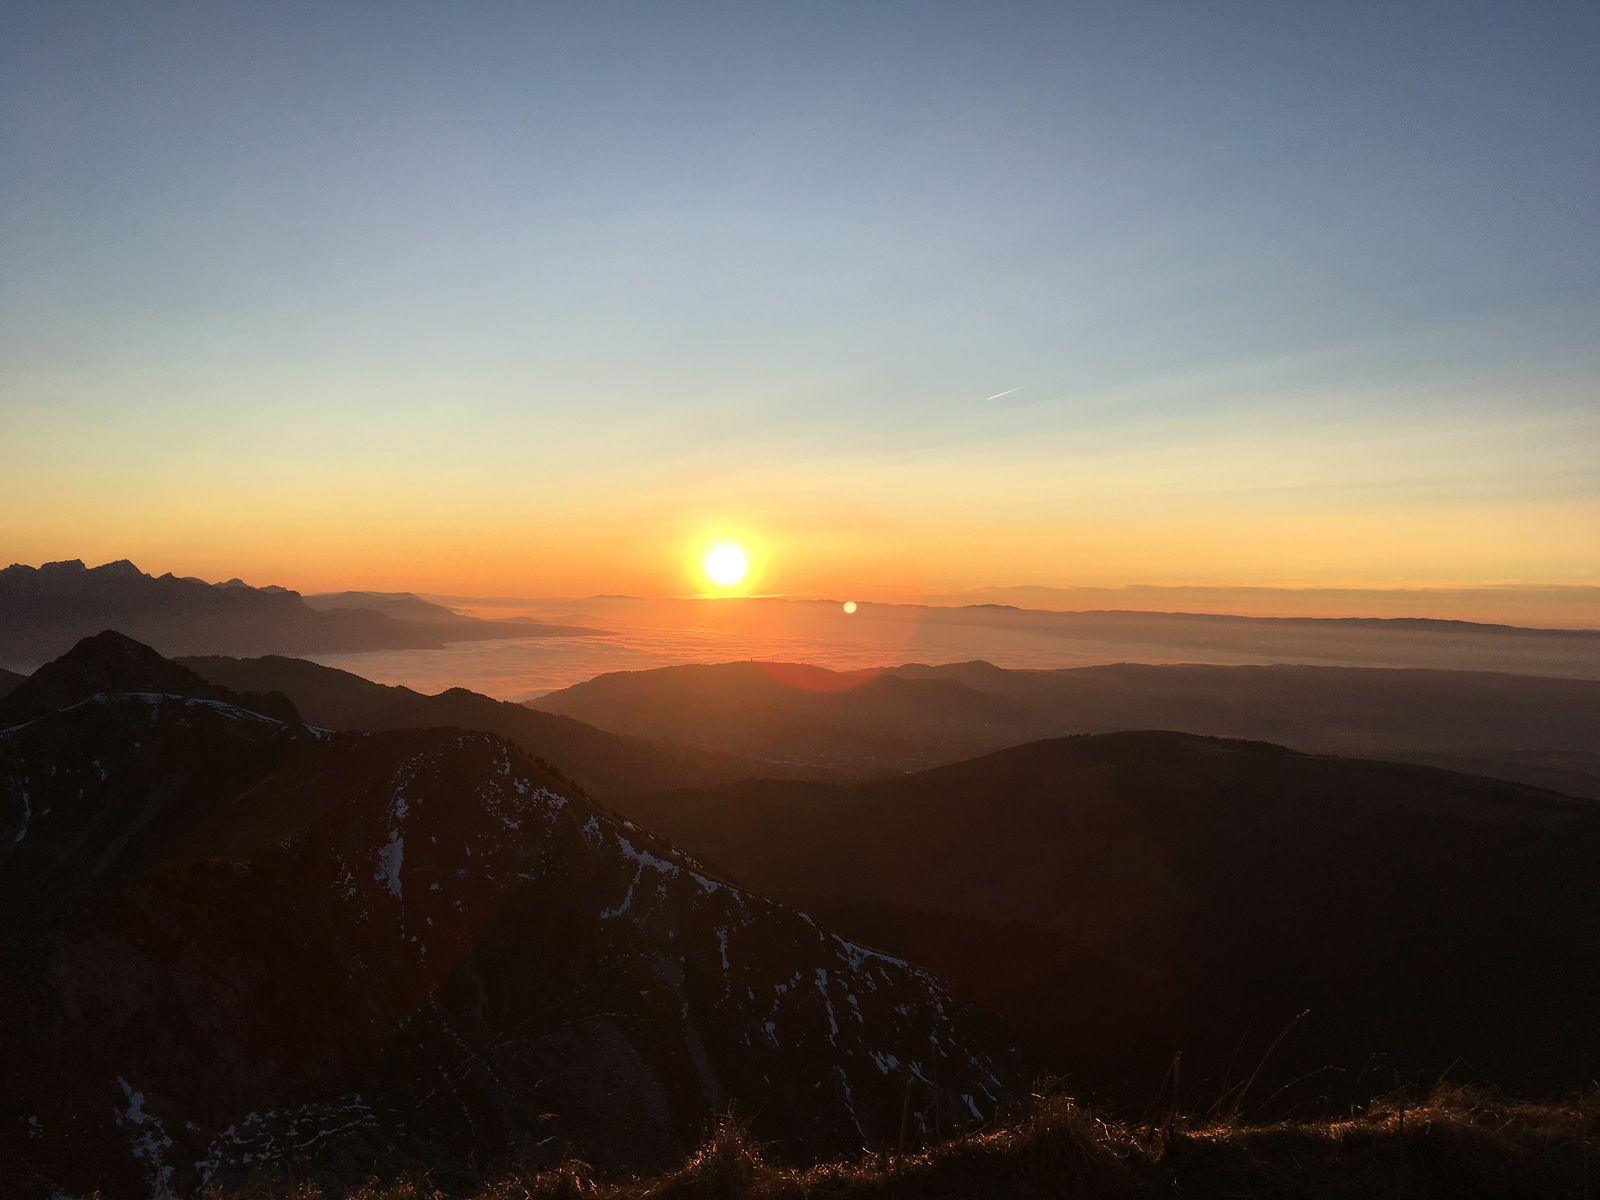 31 octobre 2020 : Coucher de soleil au Moléson